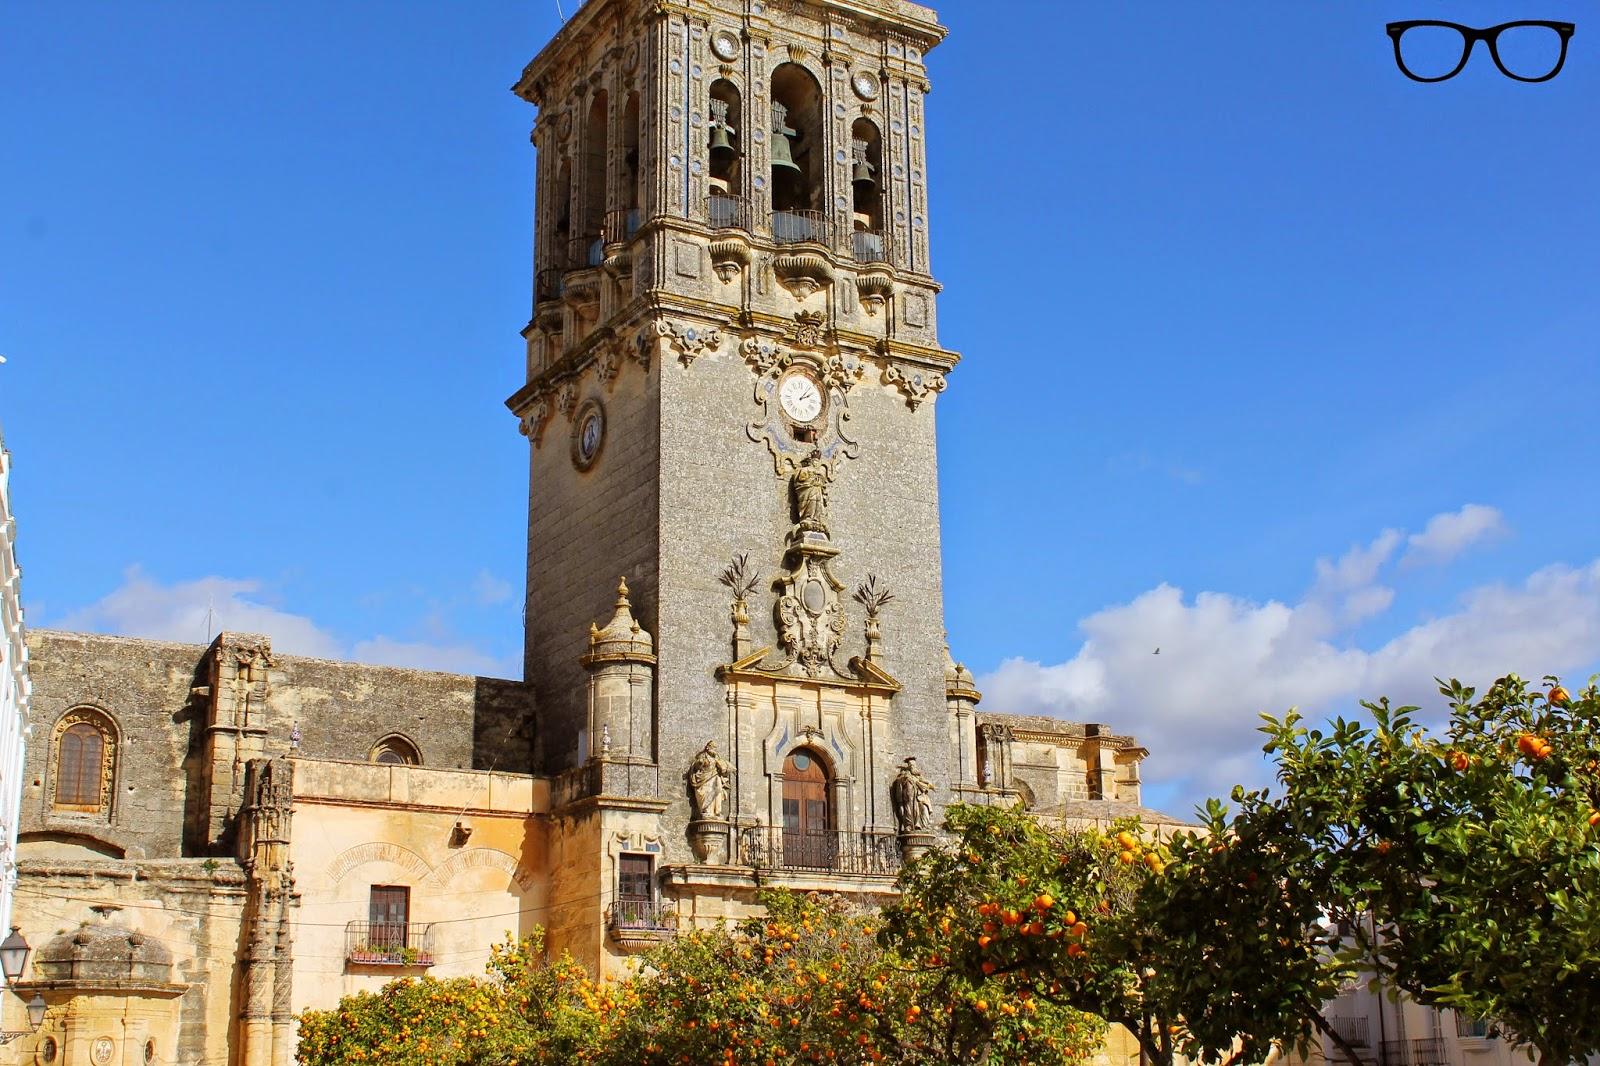 Basilica Santa Maria de Arcos de la Frontera